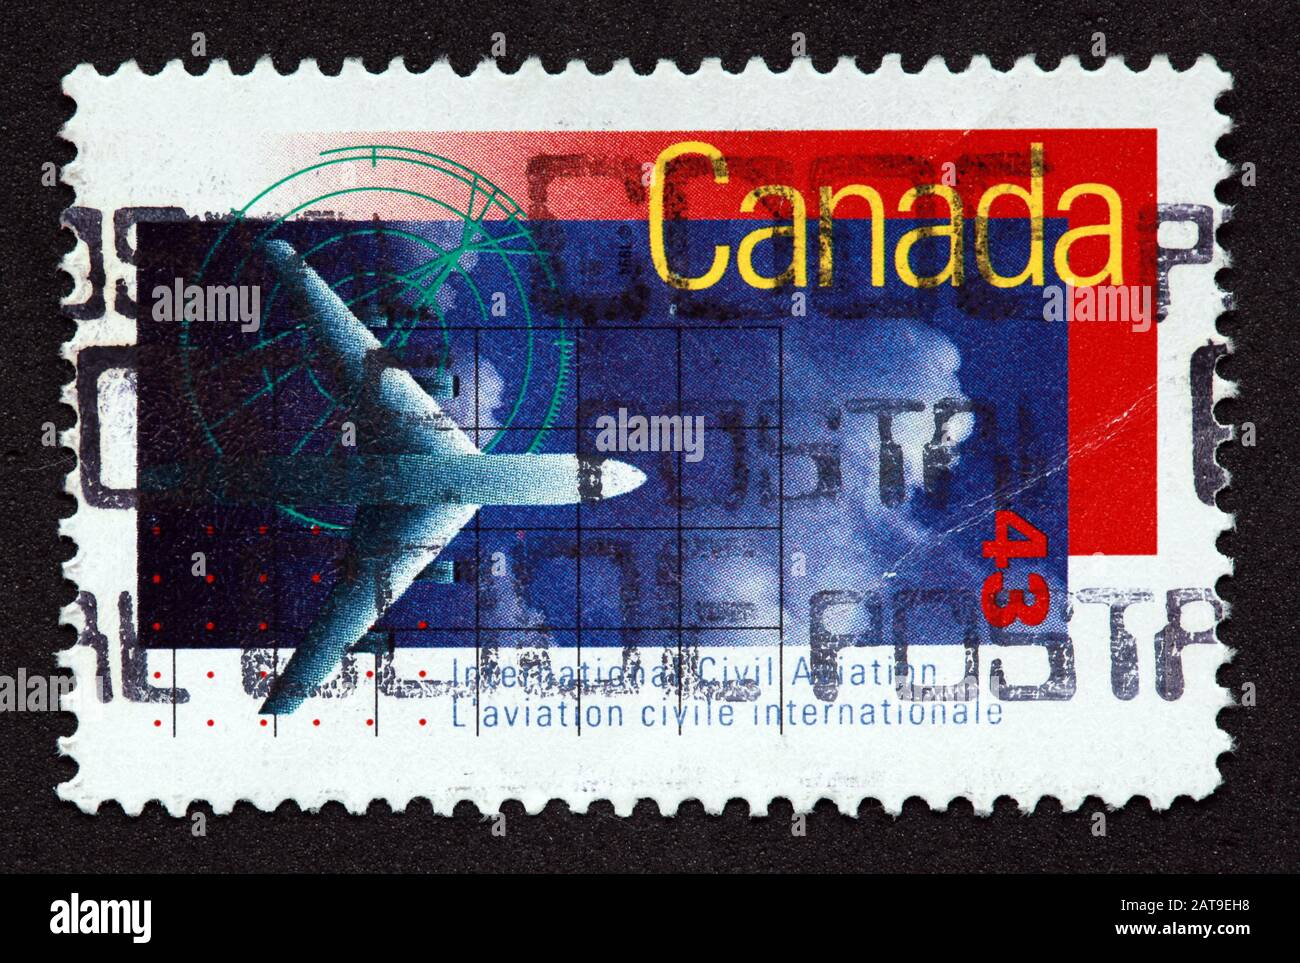 Dieses Stockfoto: Kanadische Stempel, Canada Stamp, Canada Post, gebrauchte Stempel, Kanada 43 zivile Luftfahrt internationales Flugzeug, Flugzeug postmarked - 2AT9EH